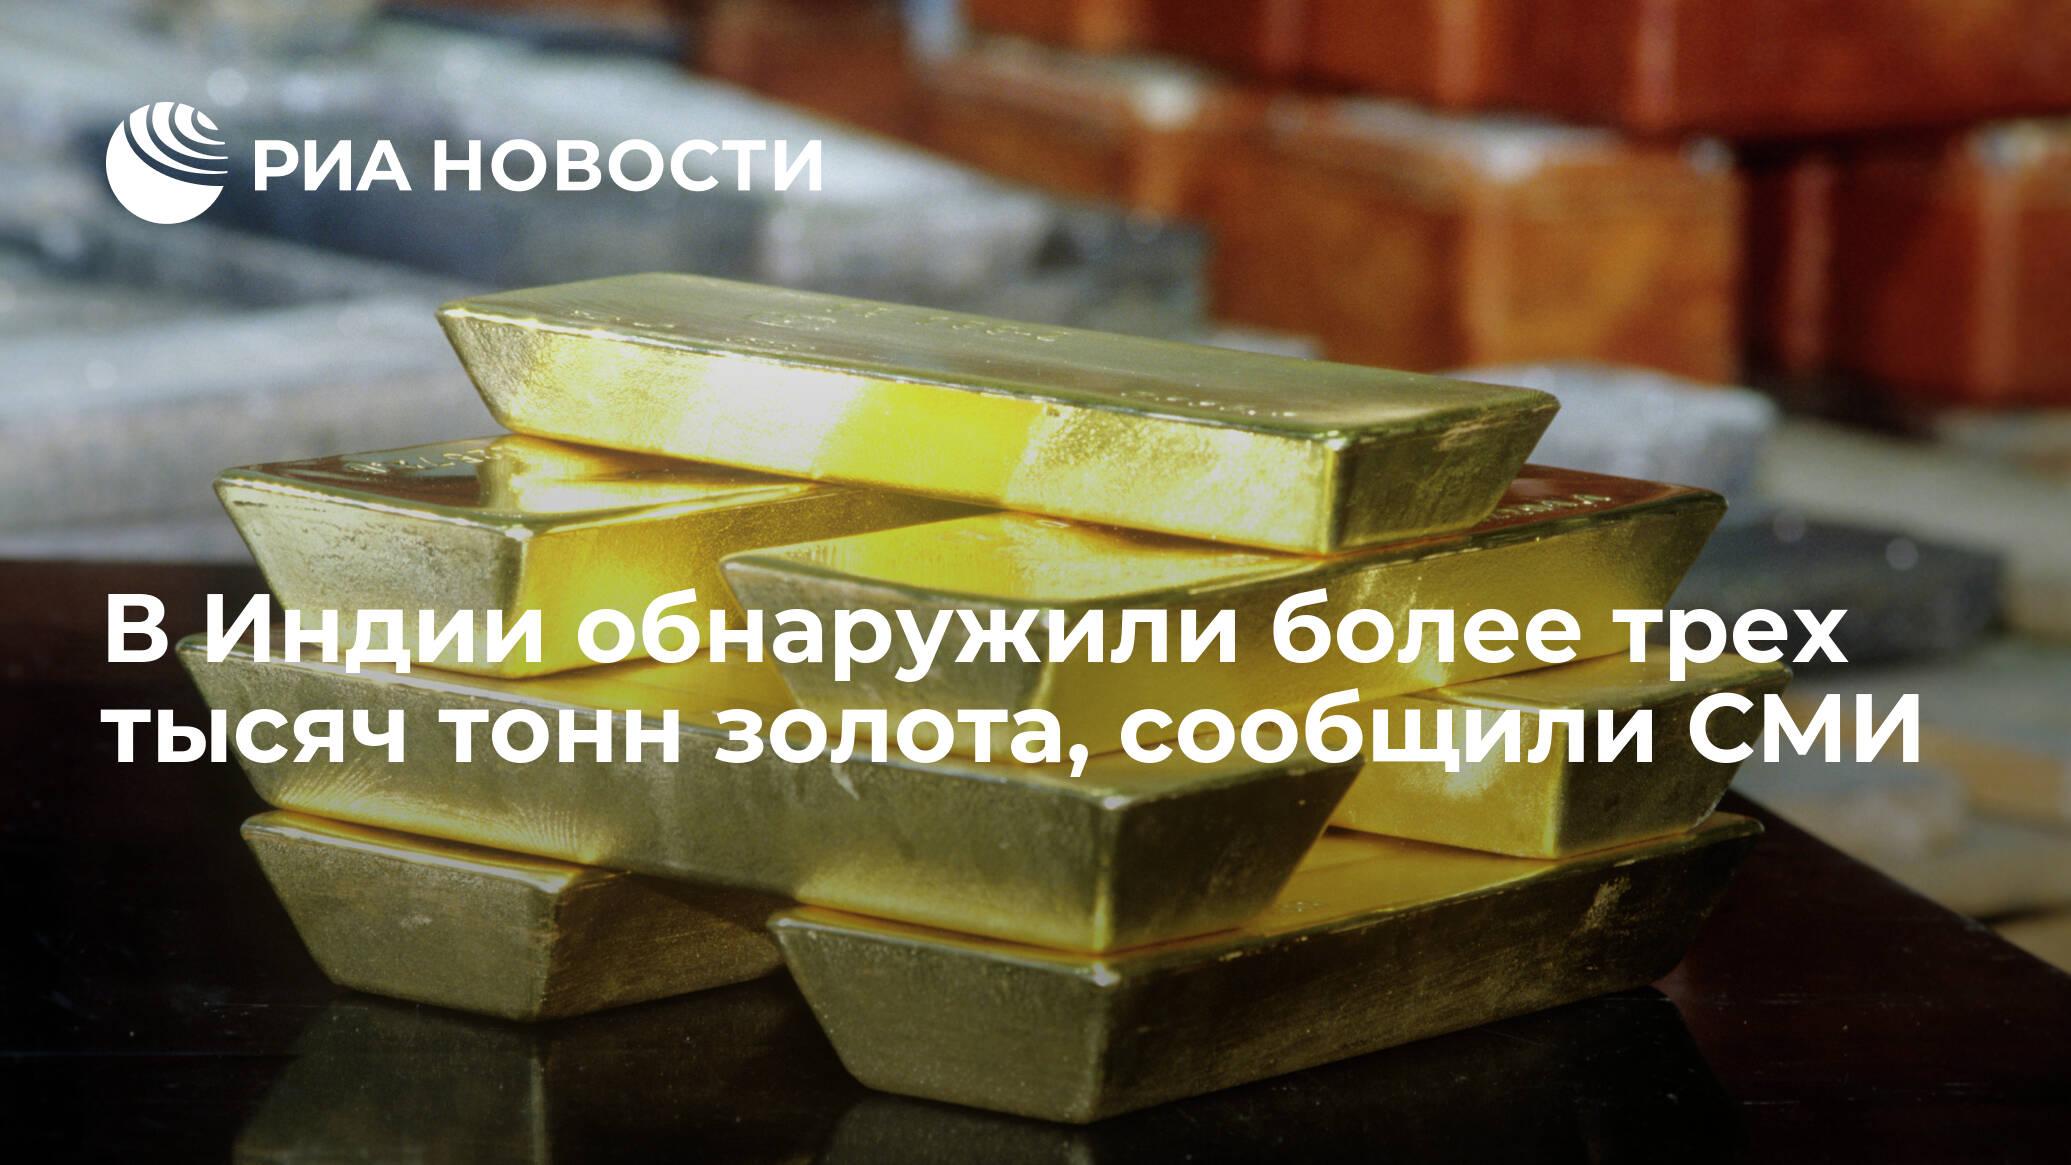 В Индии обнаружили более трех тысяч тонн золота, сообщили СМИ